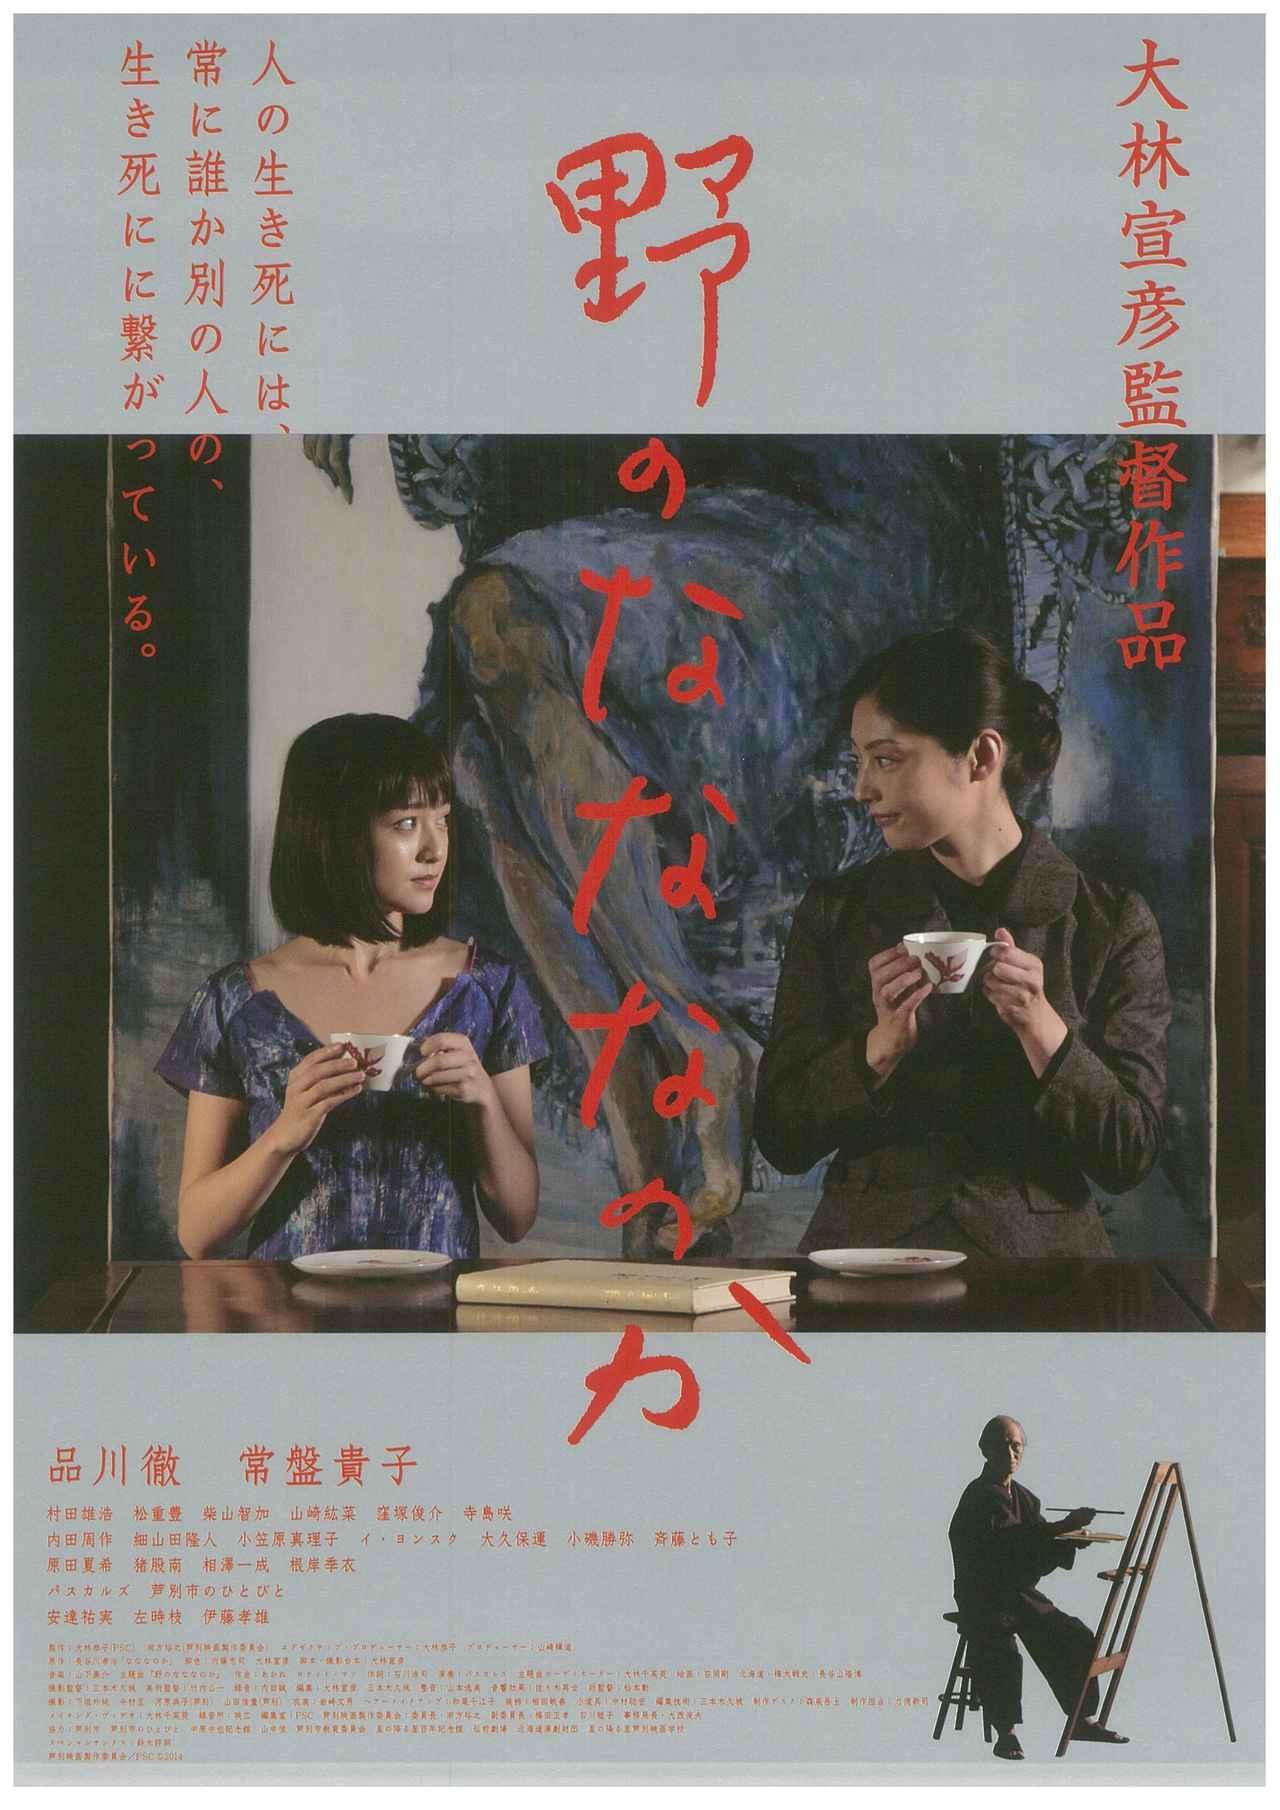 画像1: ©2014 芦別映画製作委員会/PSC